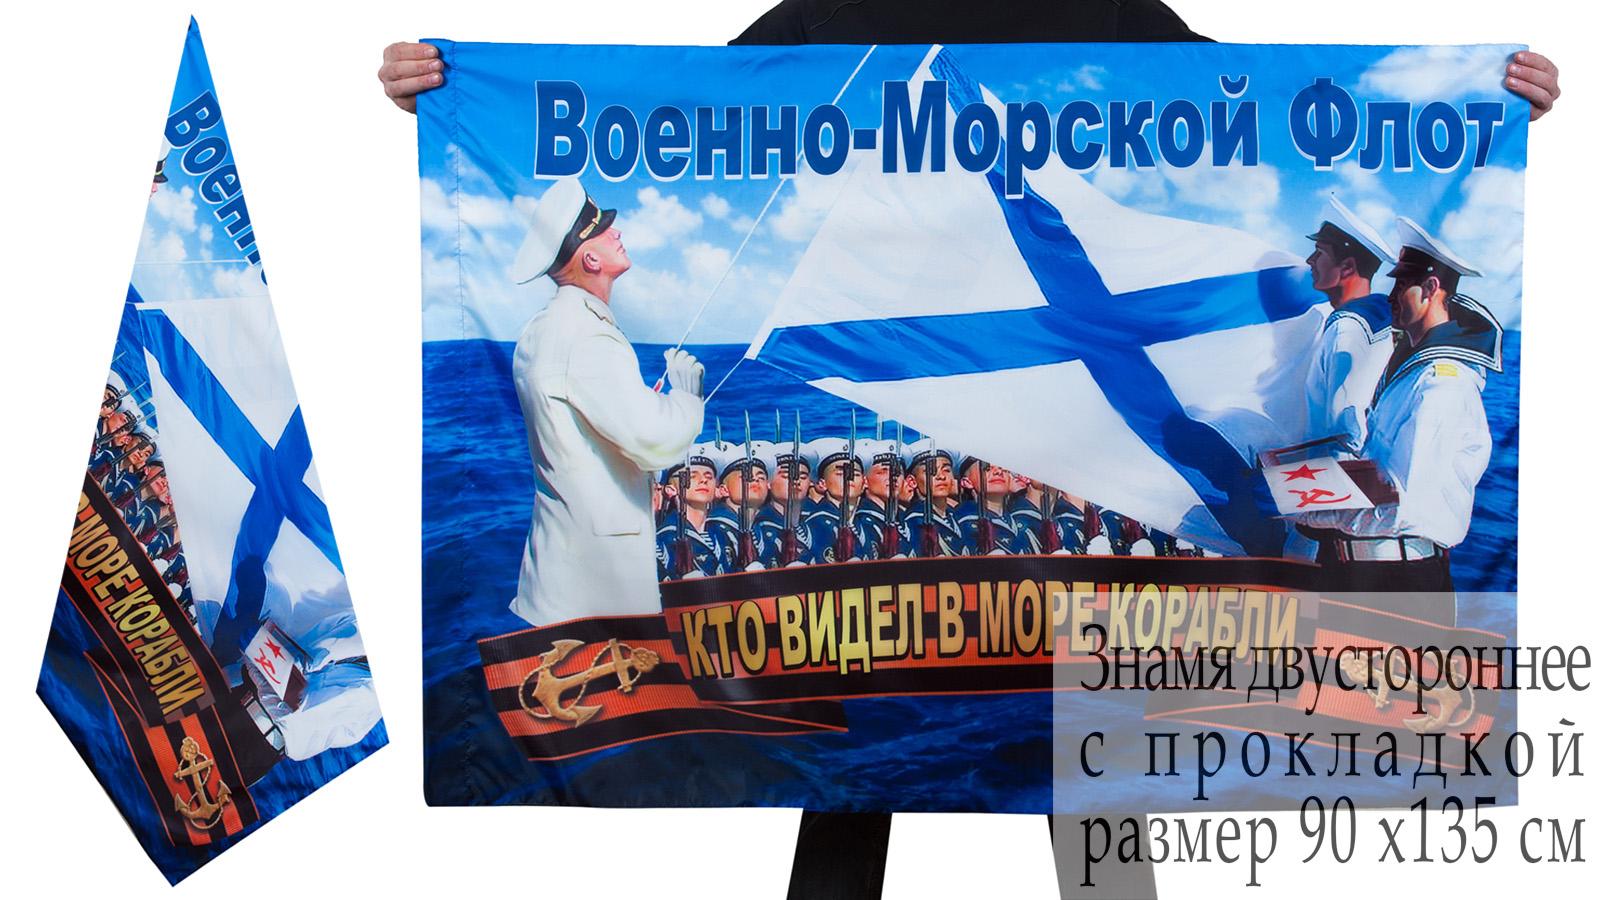 Купить флаг с косым Андреевским крестом